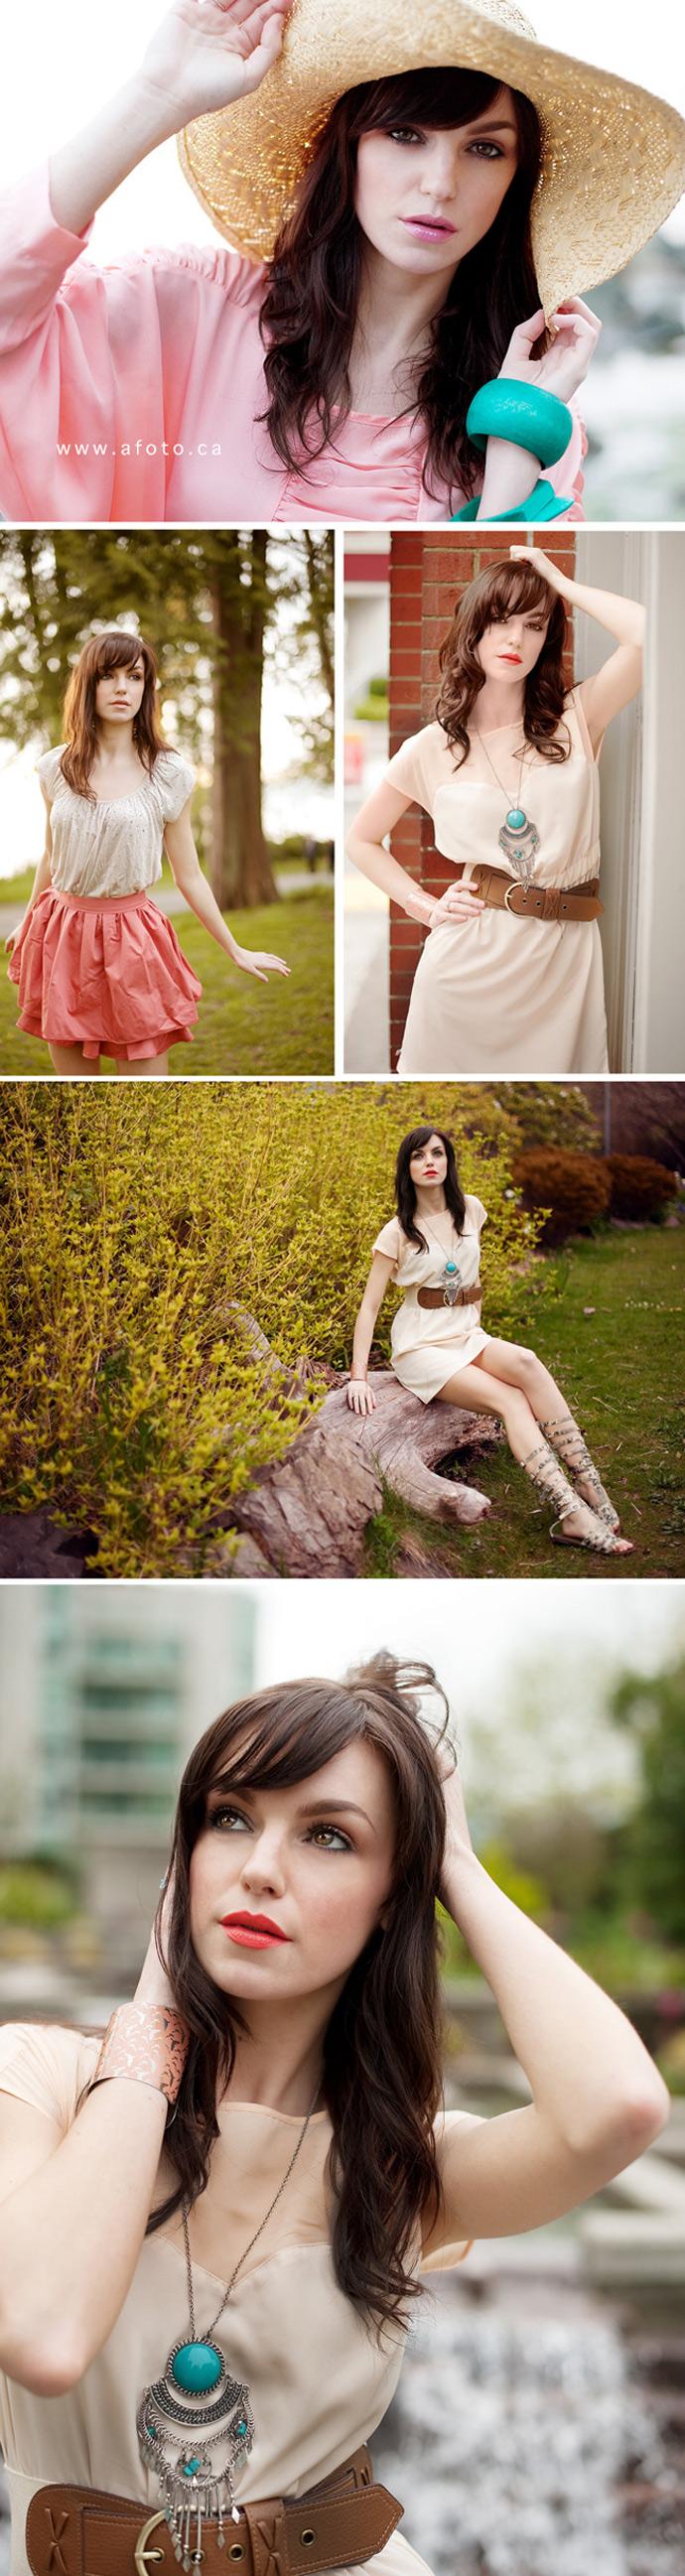 Apr 20, 2010 © 2010 Abbye Dahl www.afoto.ca